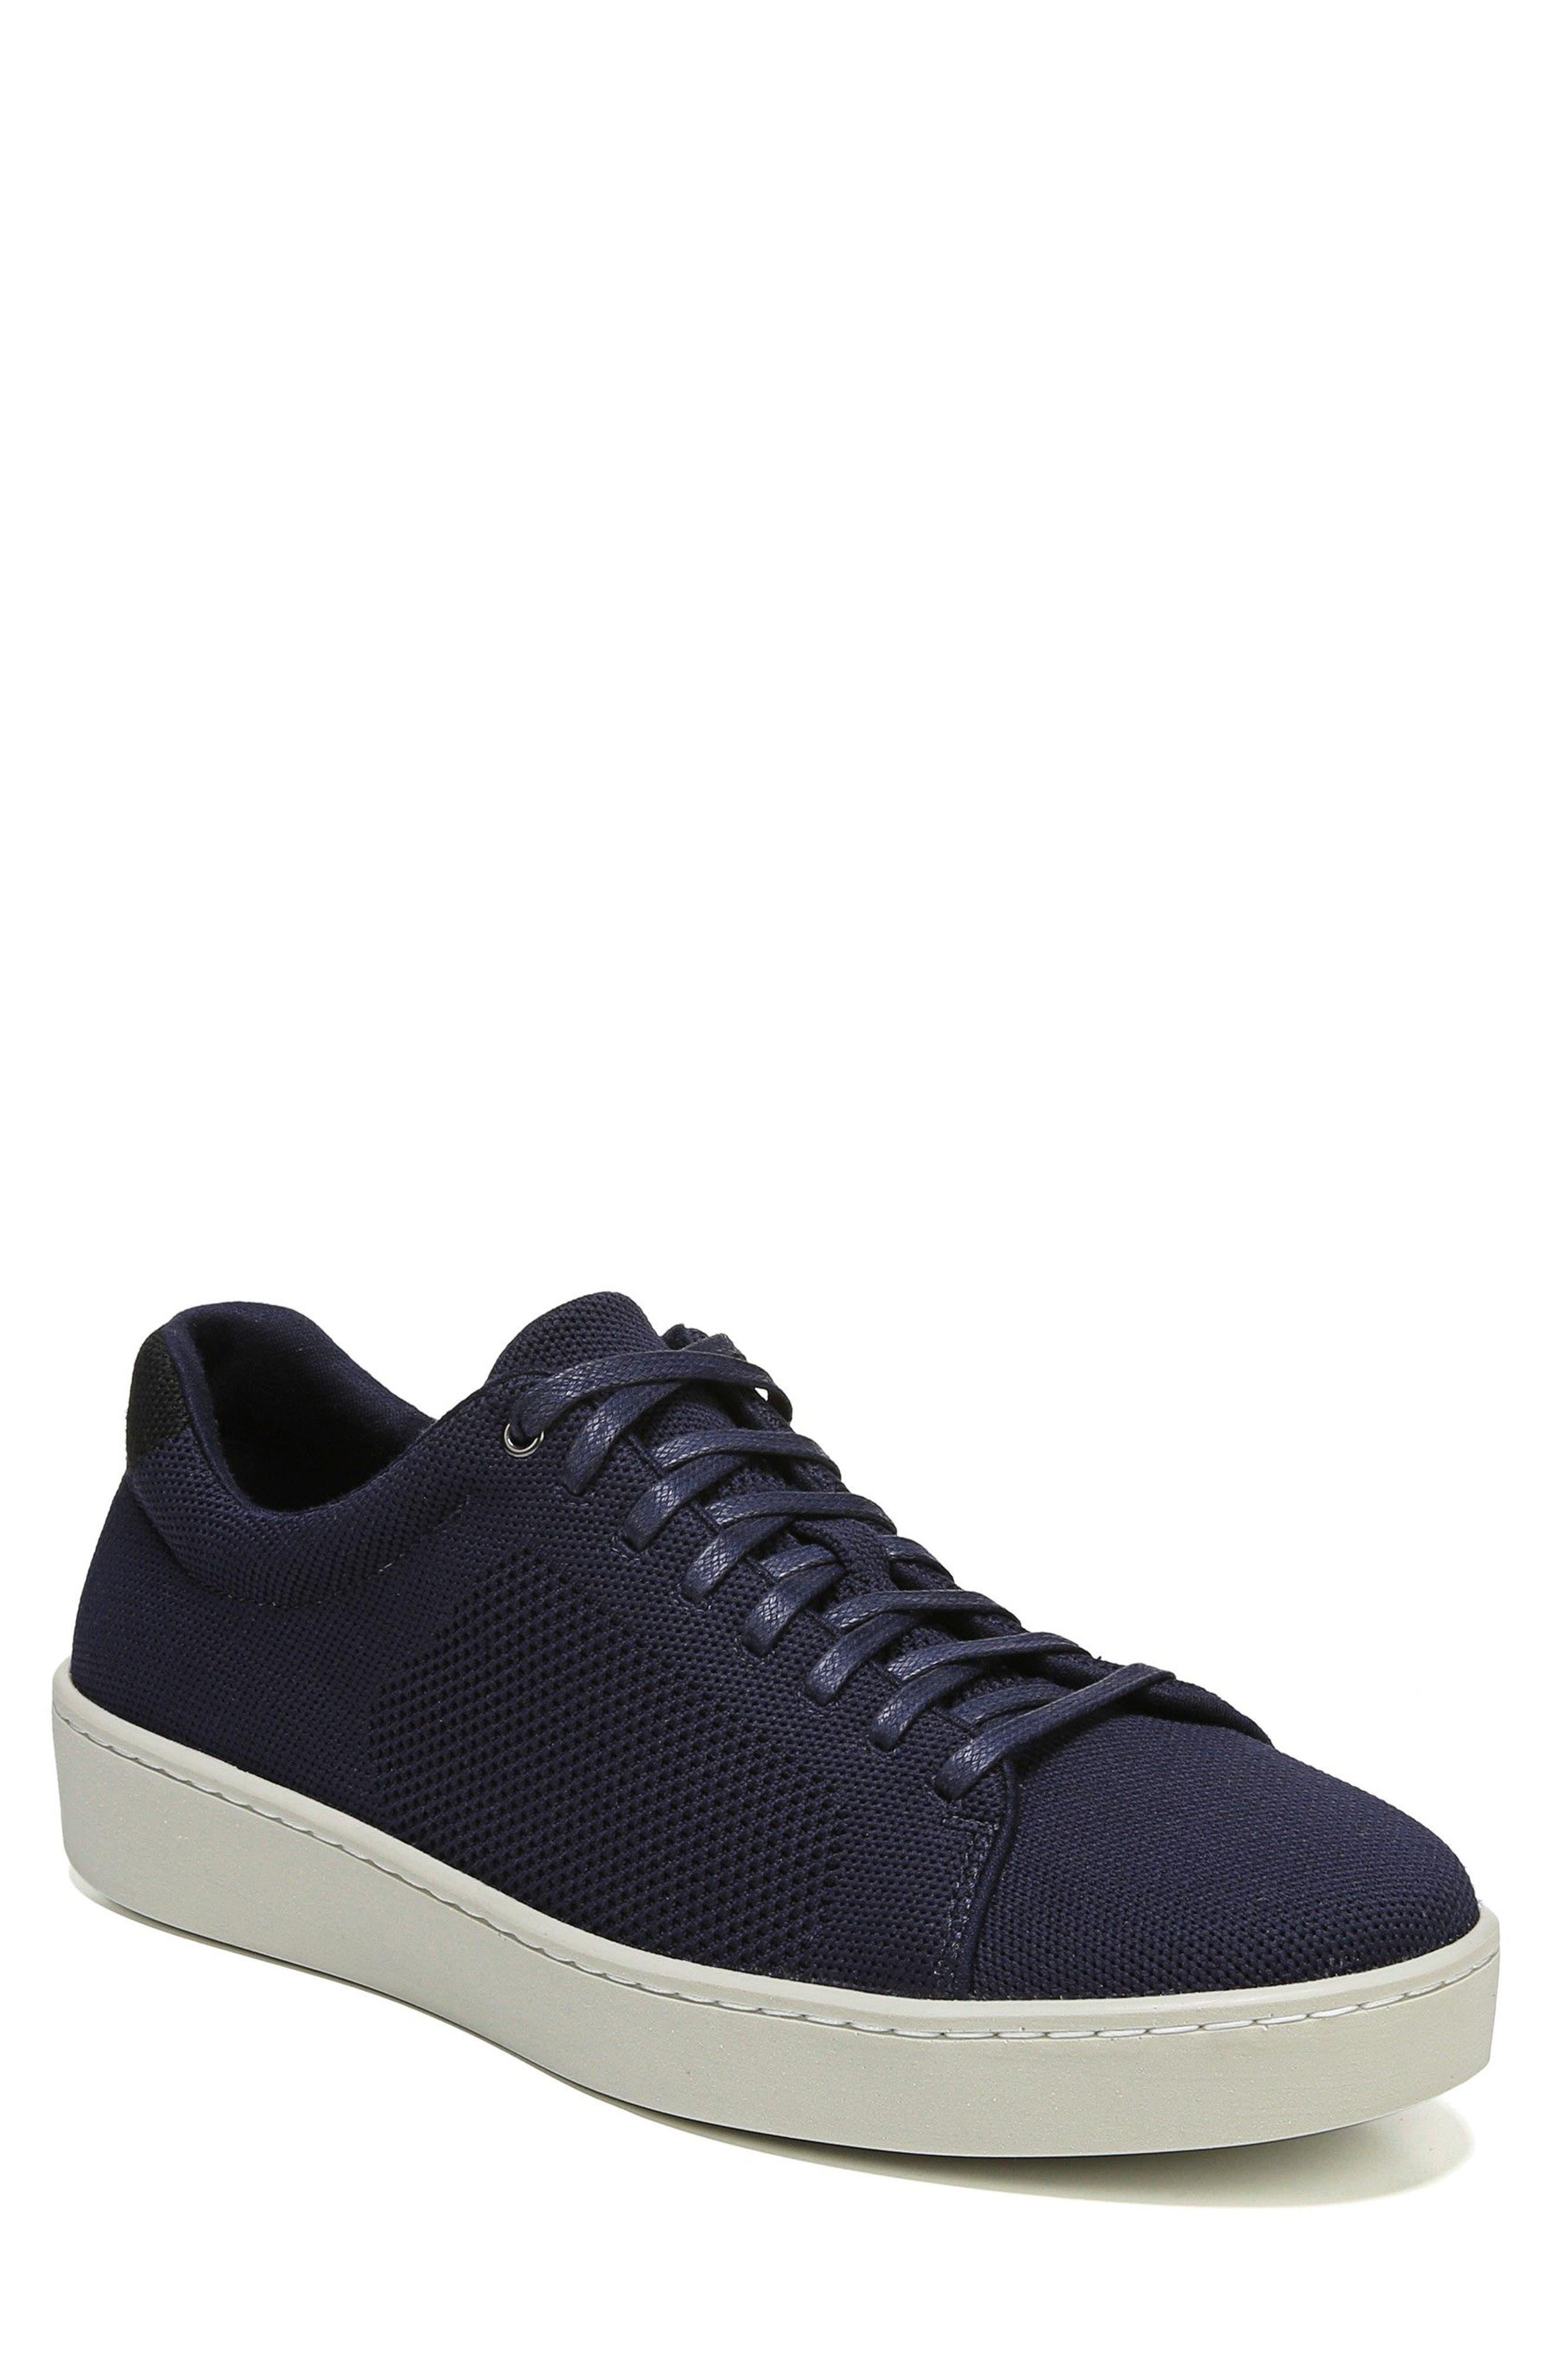 Silos Knit Low Top Sneaker,                         Main,                         color, Coastal